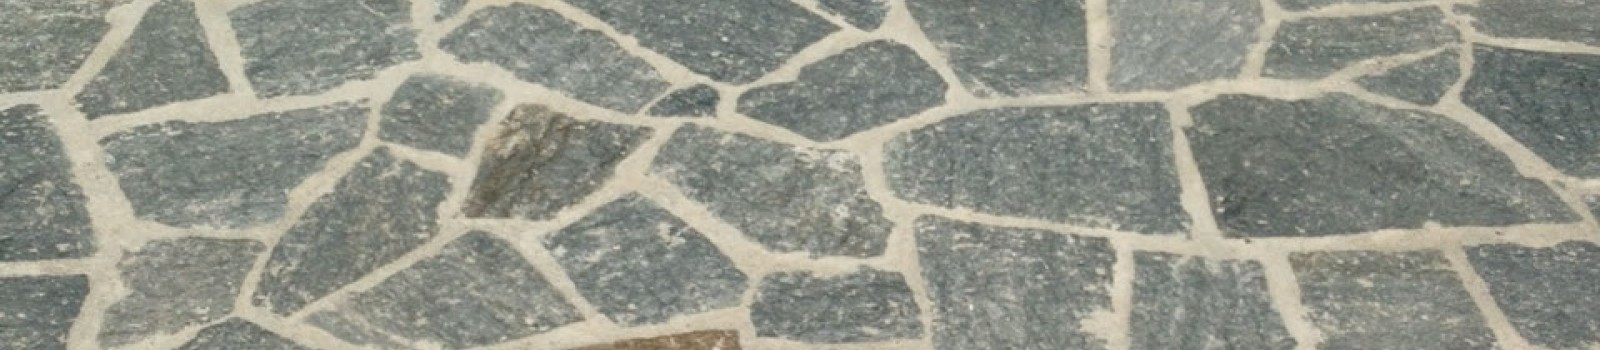 Pietra di luserna simone bergamo for Disegni frontali in pietra